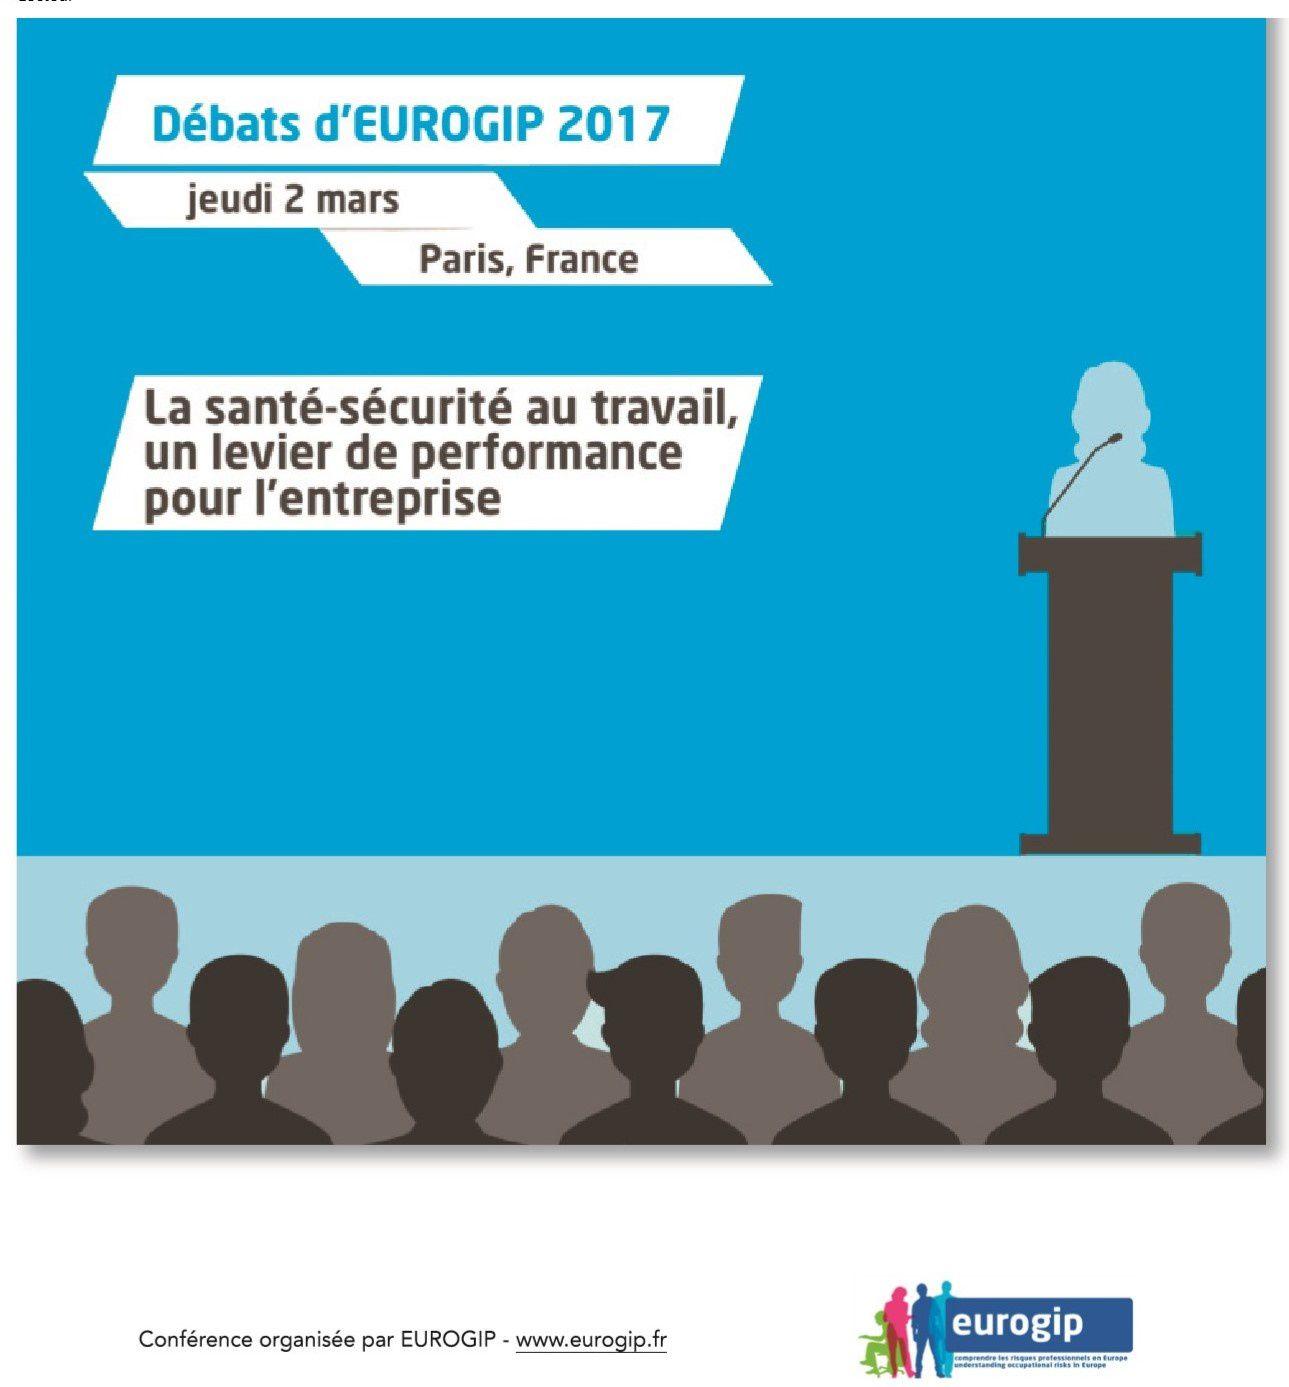 """""""Santé et sécurité au travail : levier de performance pour l'entreprise"""" - débats 2017 d'Eurogip"""